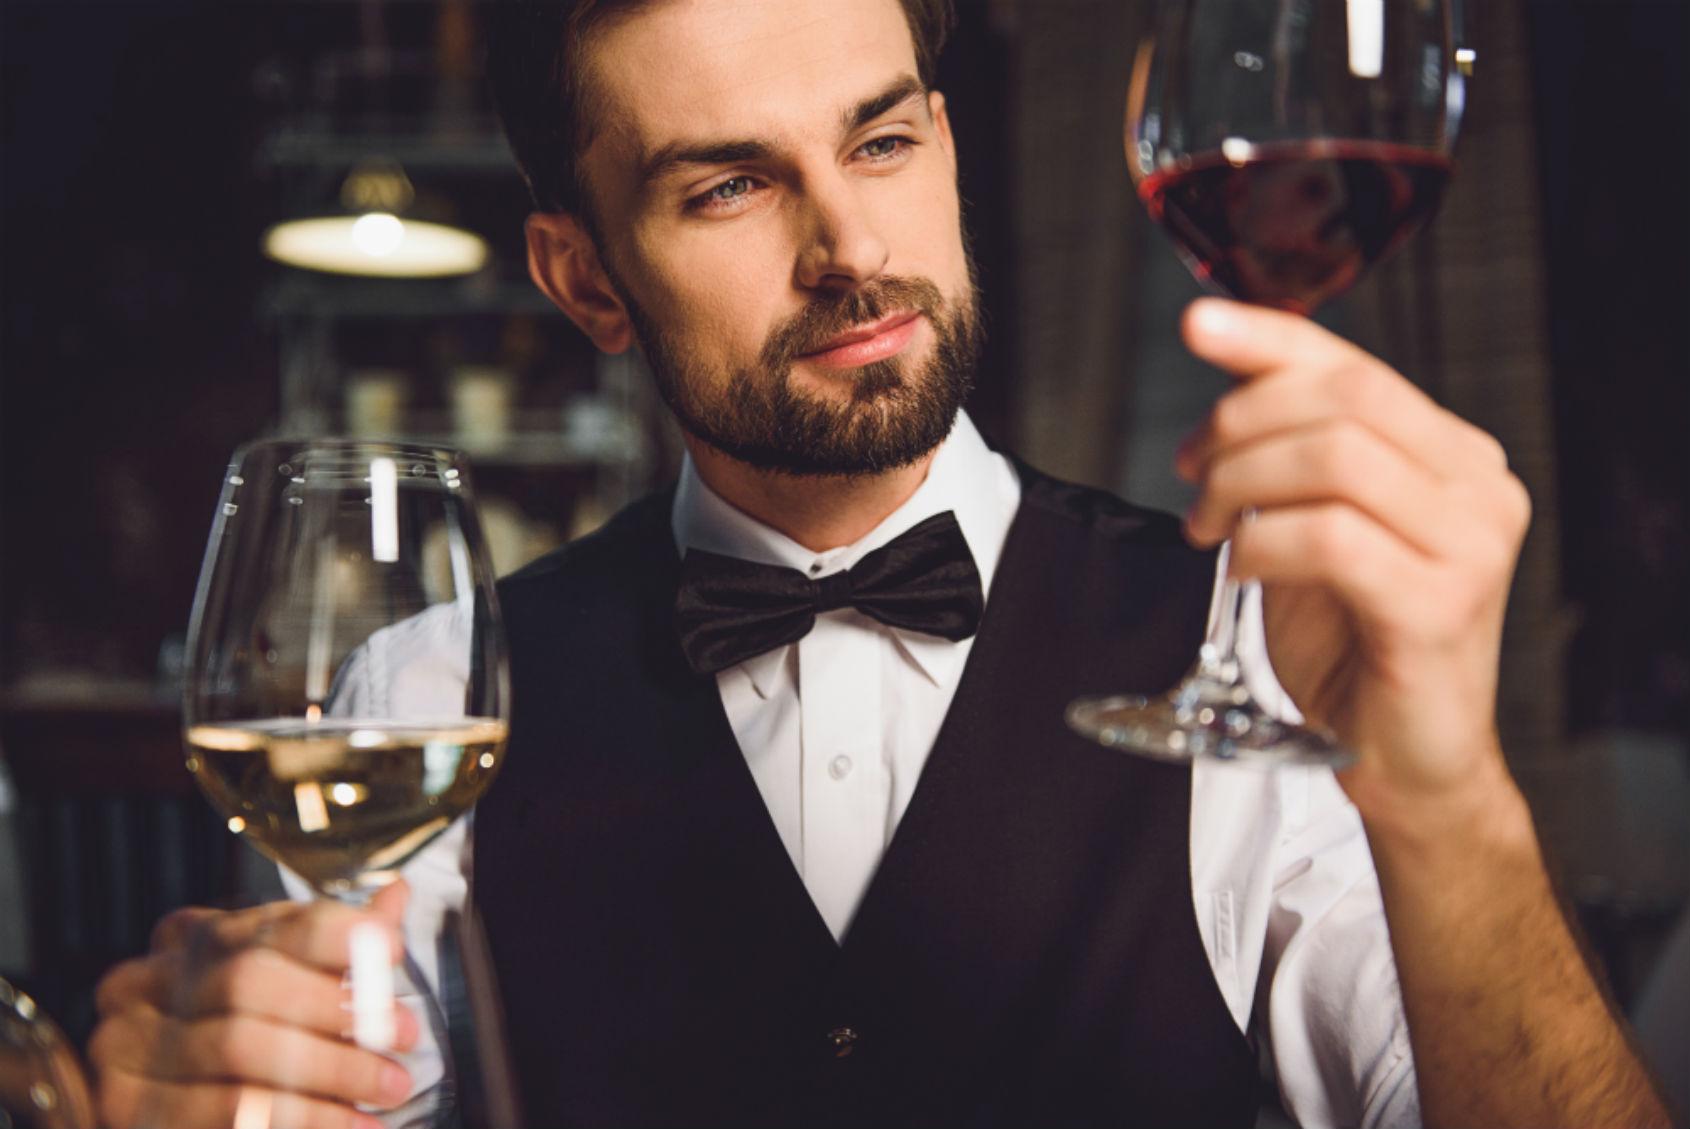 scegliere il vino giusto per la giusta buyer persona